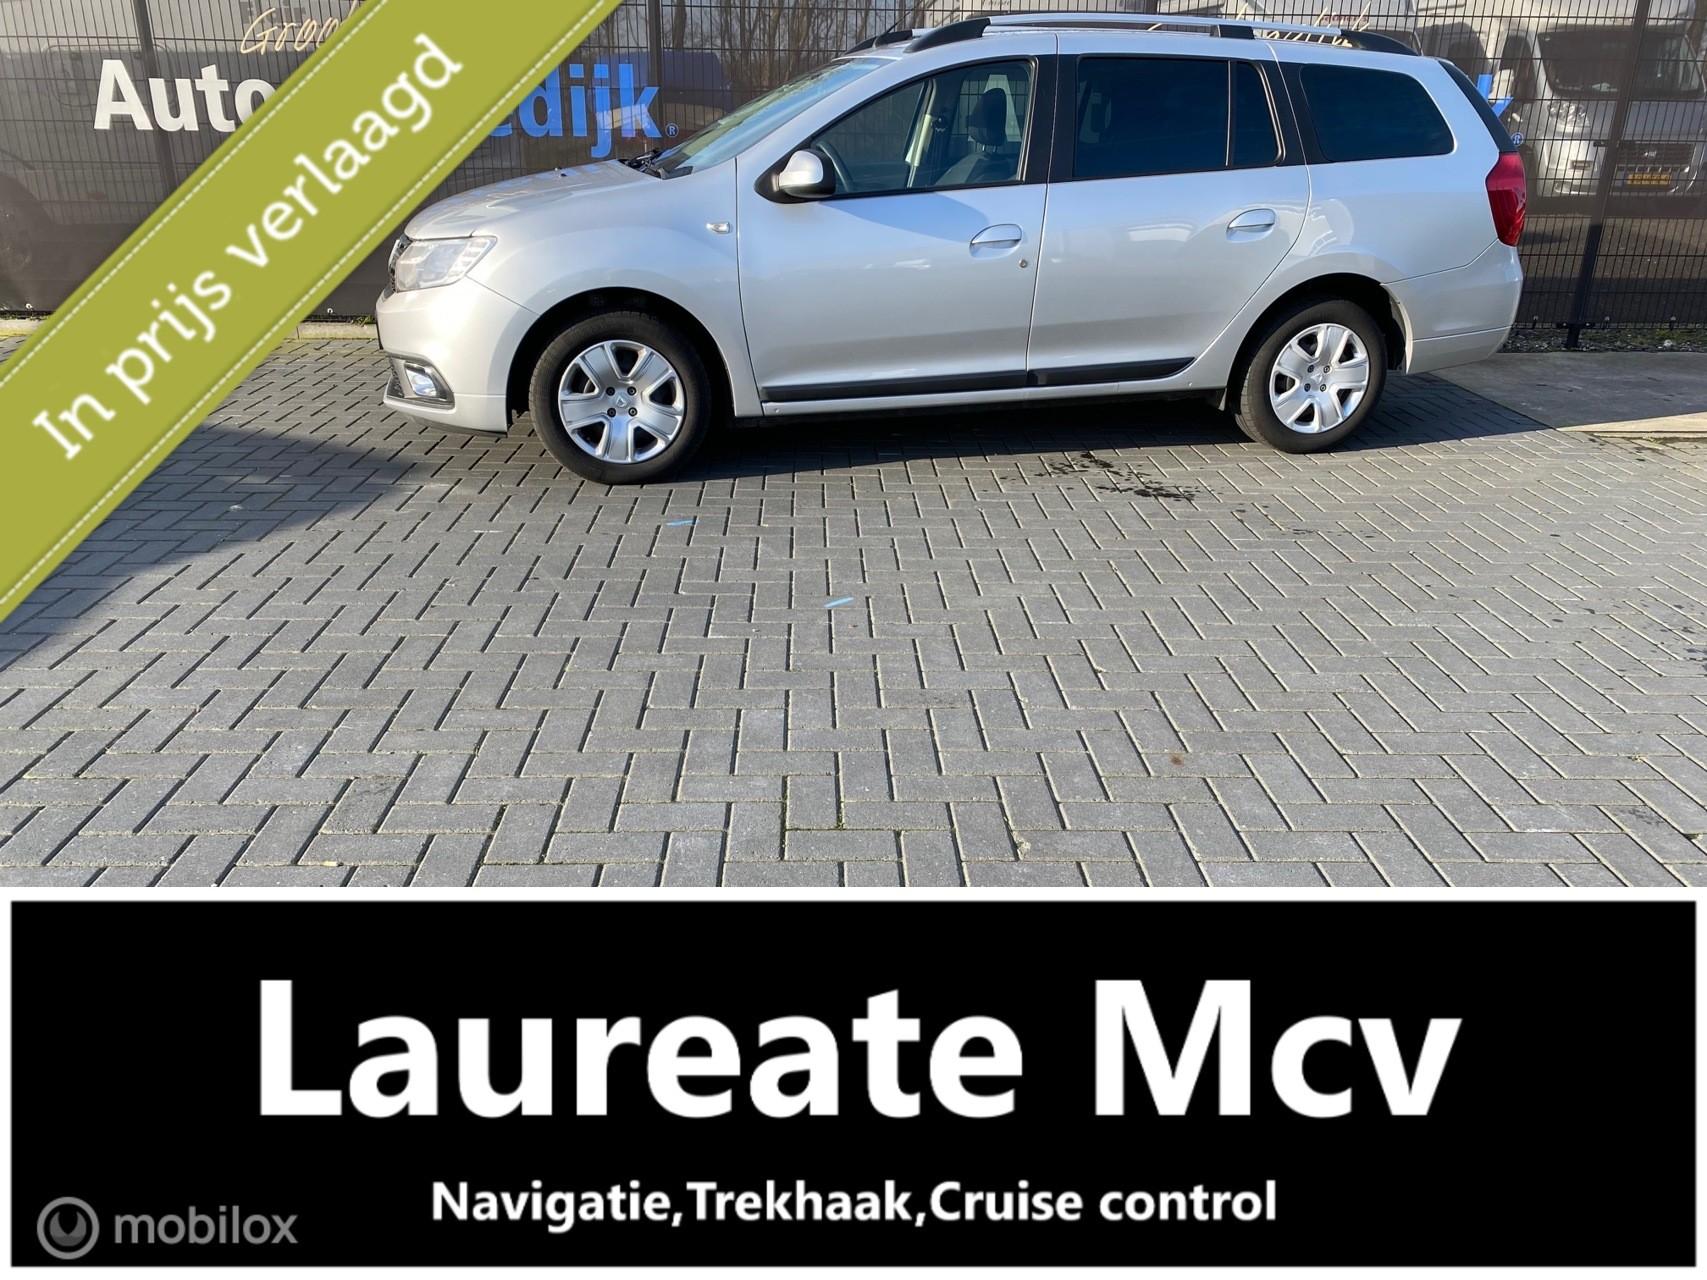 Dacia Logan MCV 1.5 dCi Laureate Navi,Trekhaak 139 Dkm Bj 17